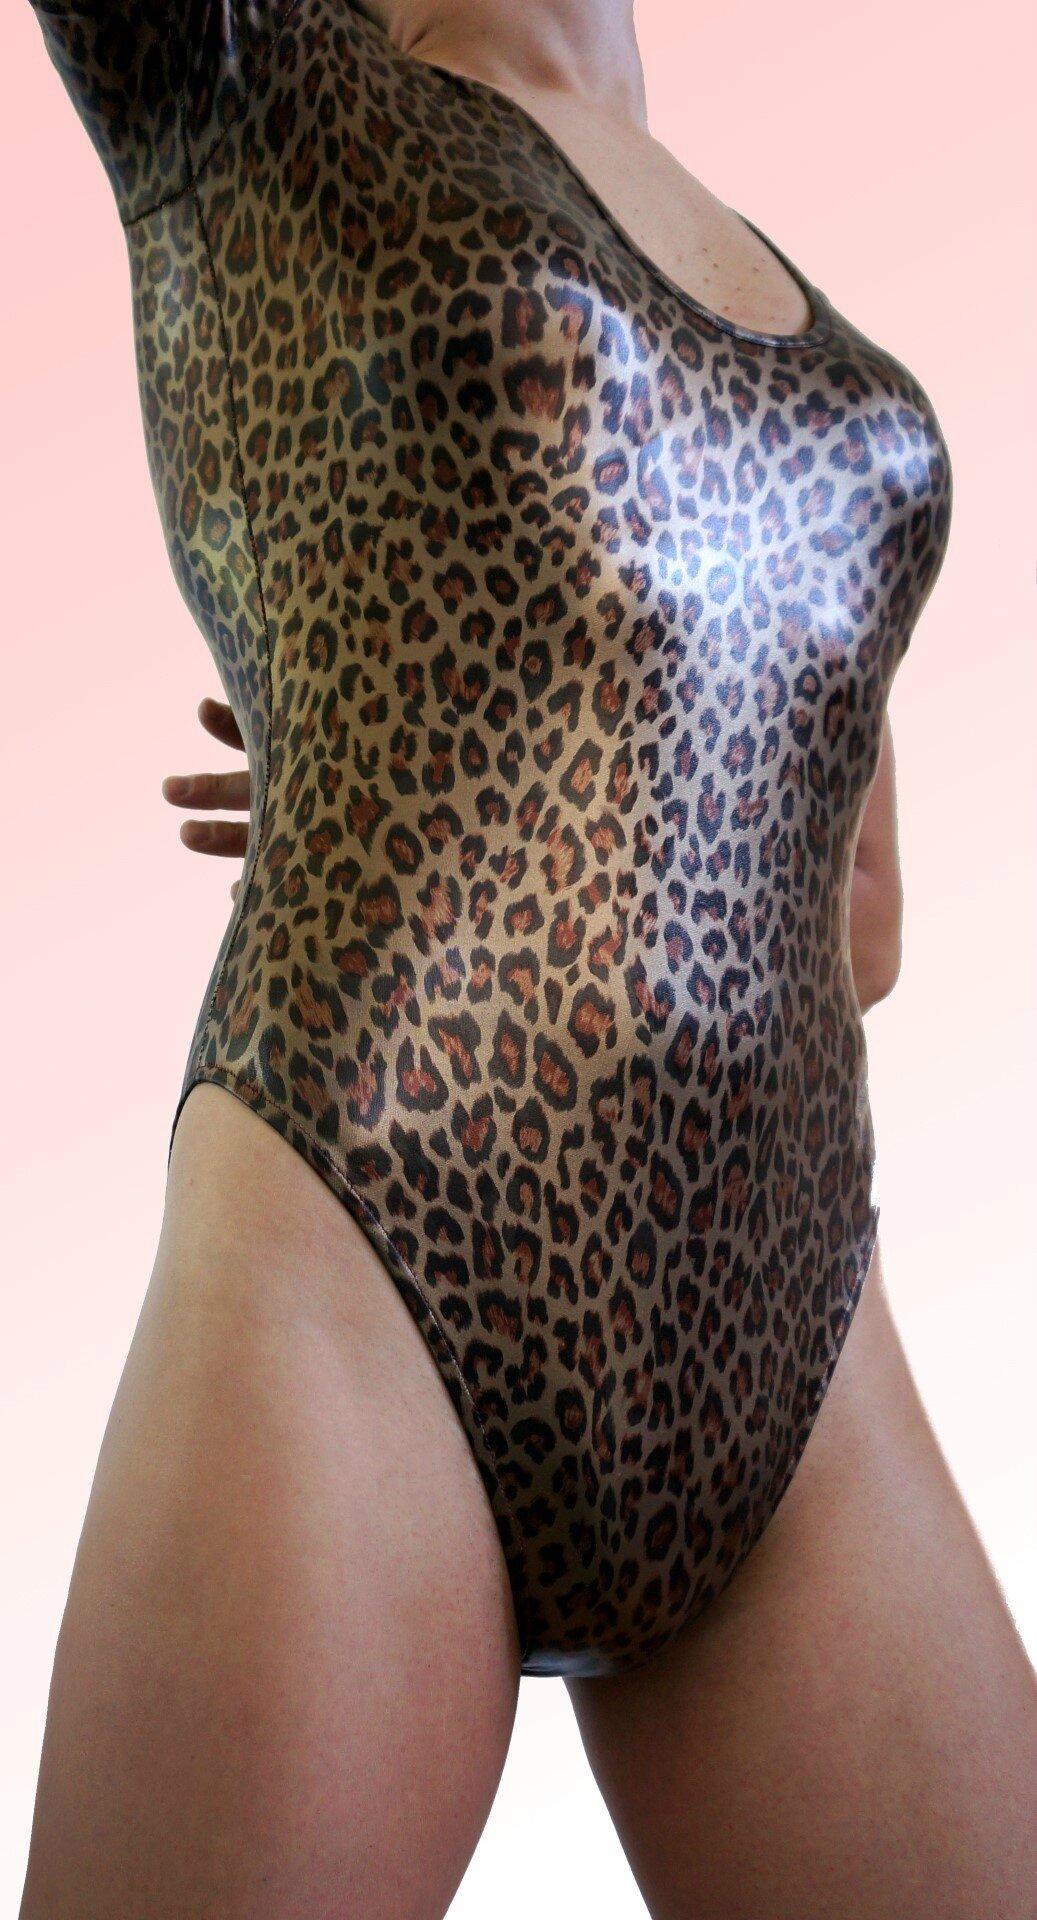 Body spandex Glossy leopard vue face détail